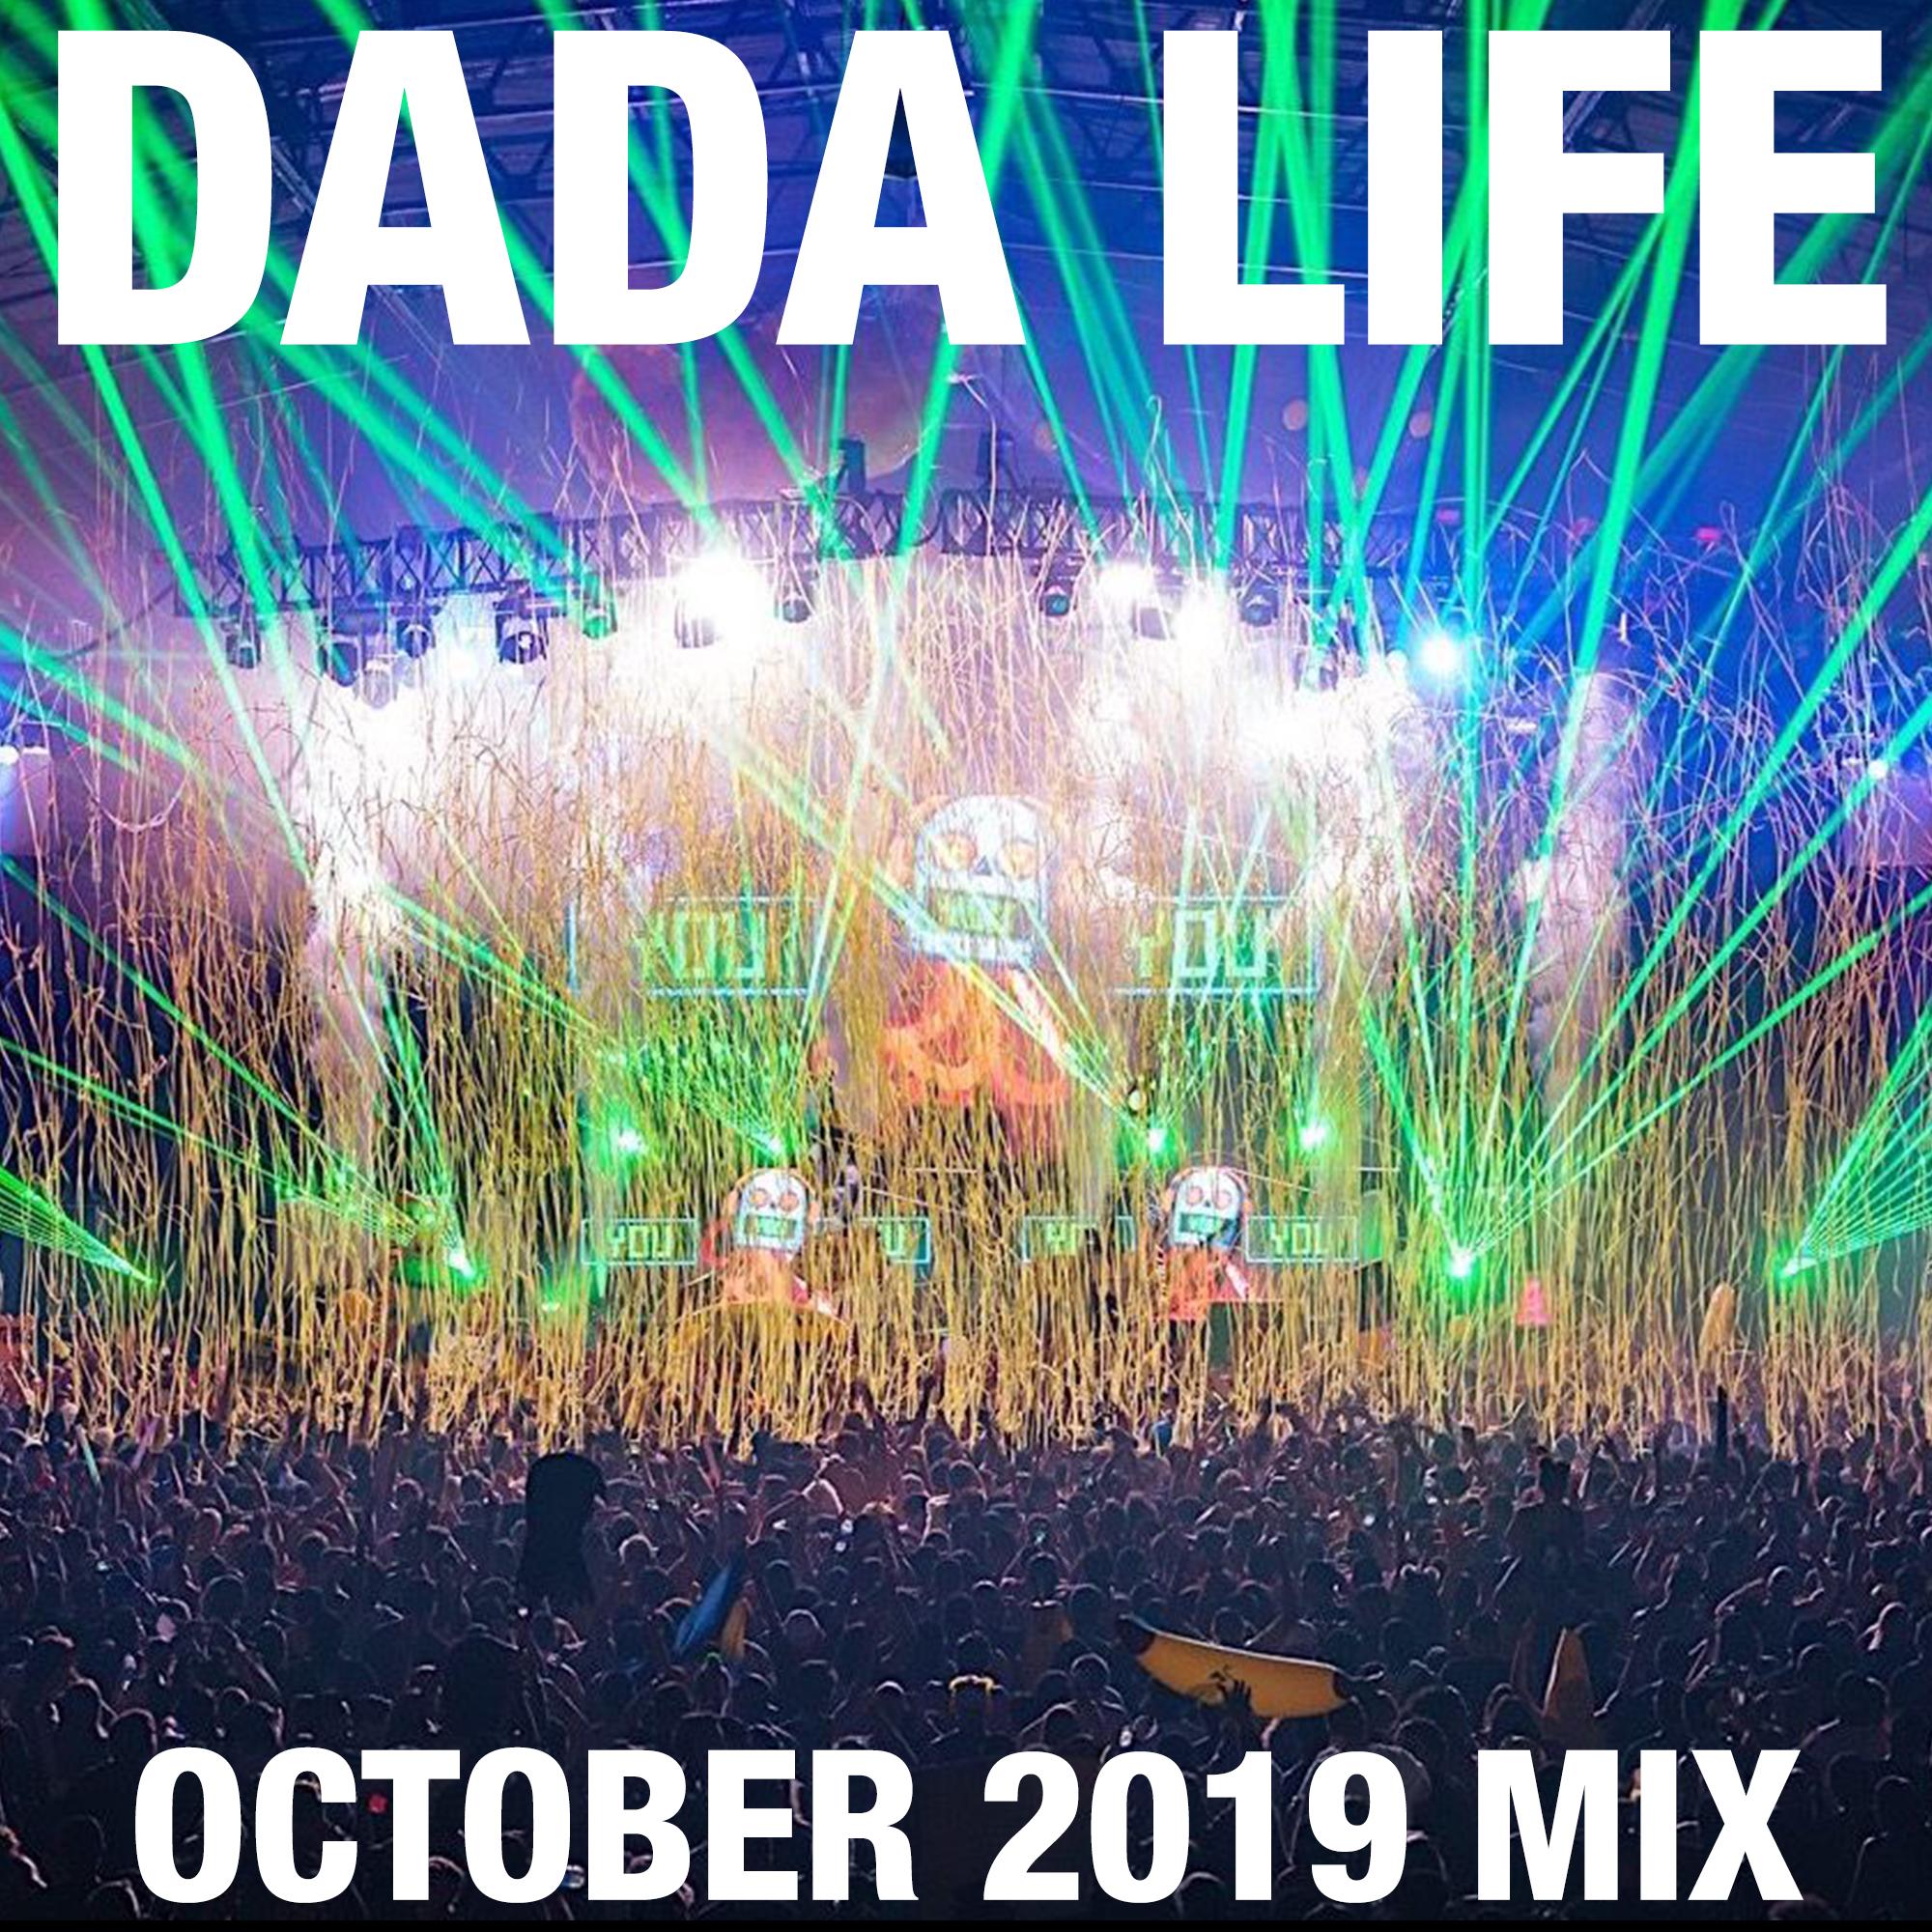 Dada Land October 2019 Mix